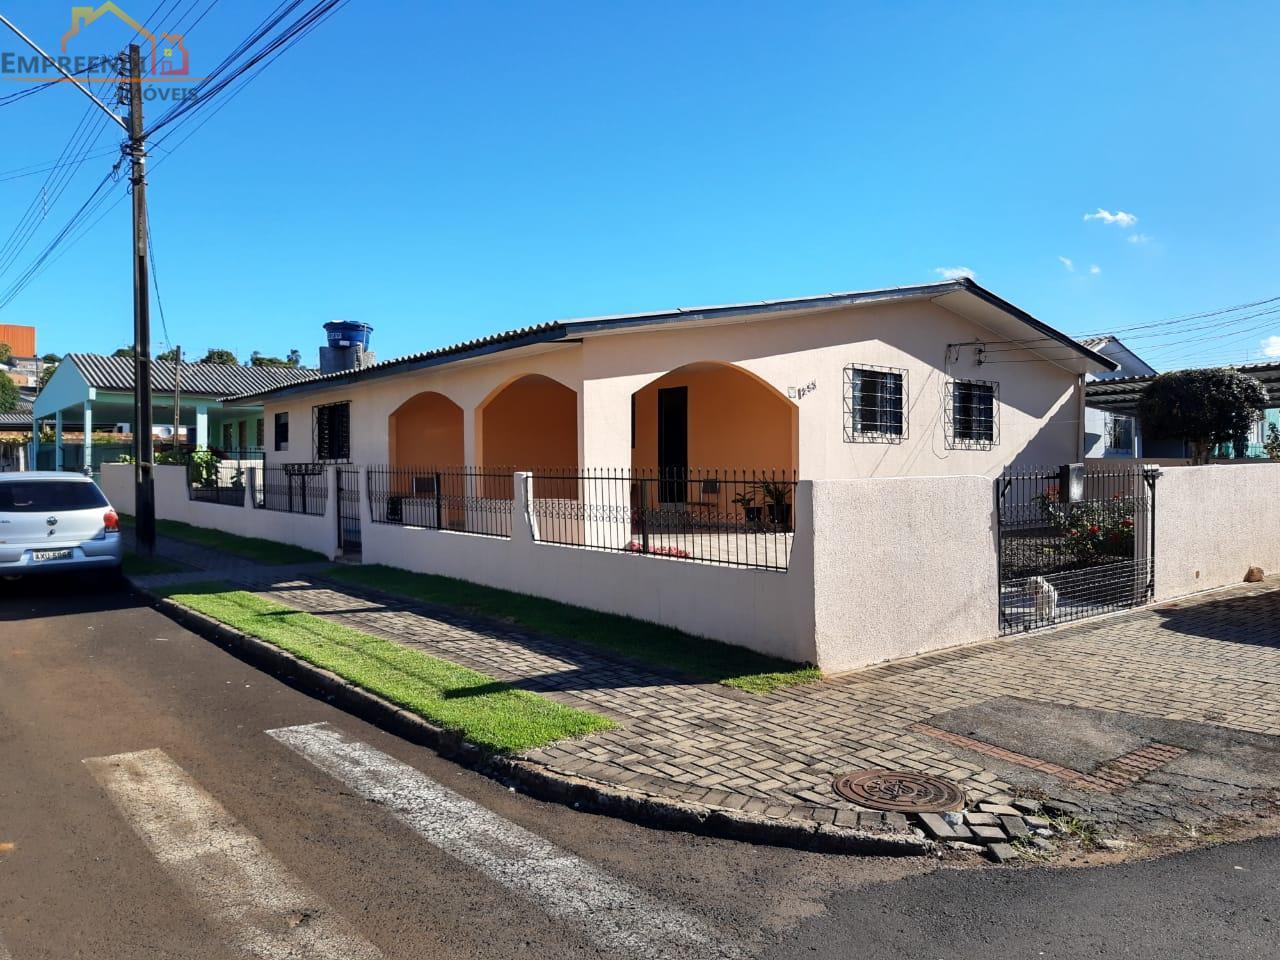 Casa com 3 dormitórios à venda, PLANALTO, PATO BRANCO - PR